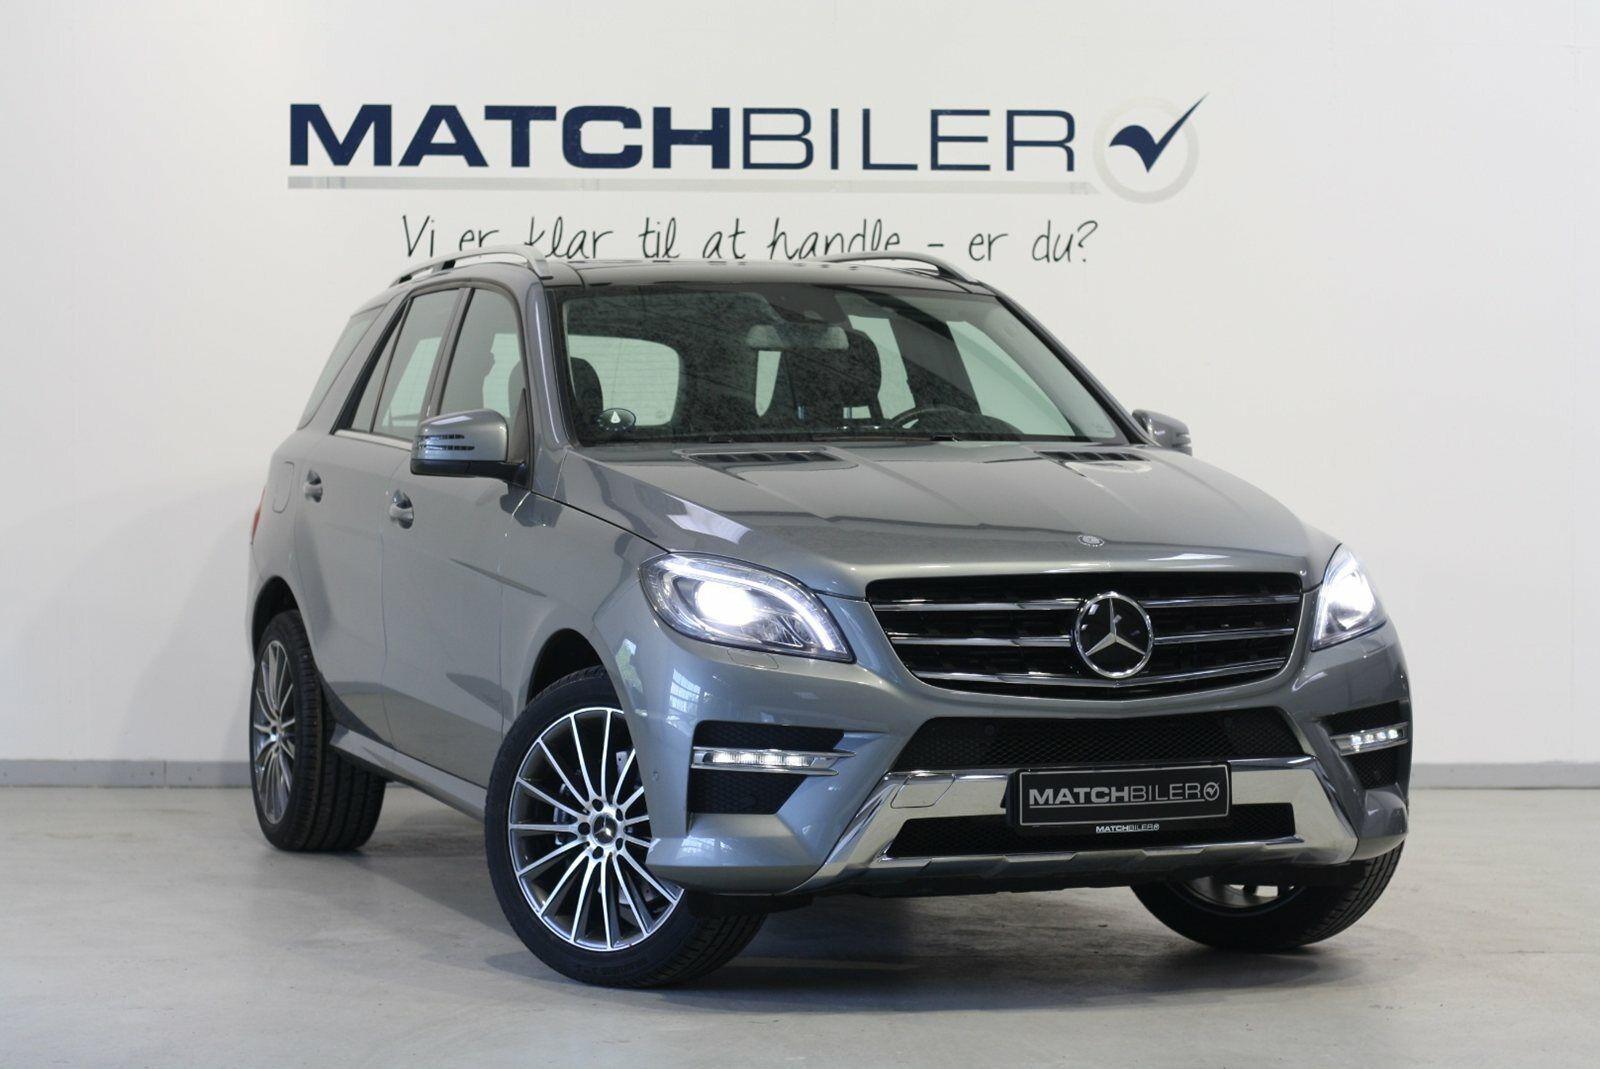 Mercedes ML350 3,0 BlueTEC aut. 4-M 5d - 679.800 kr.